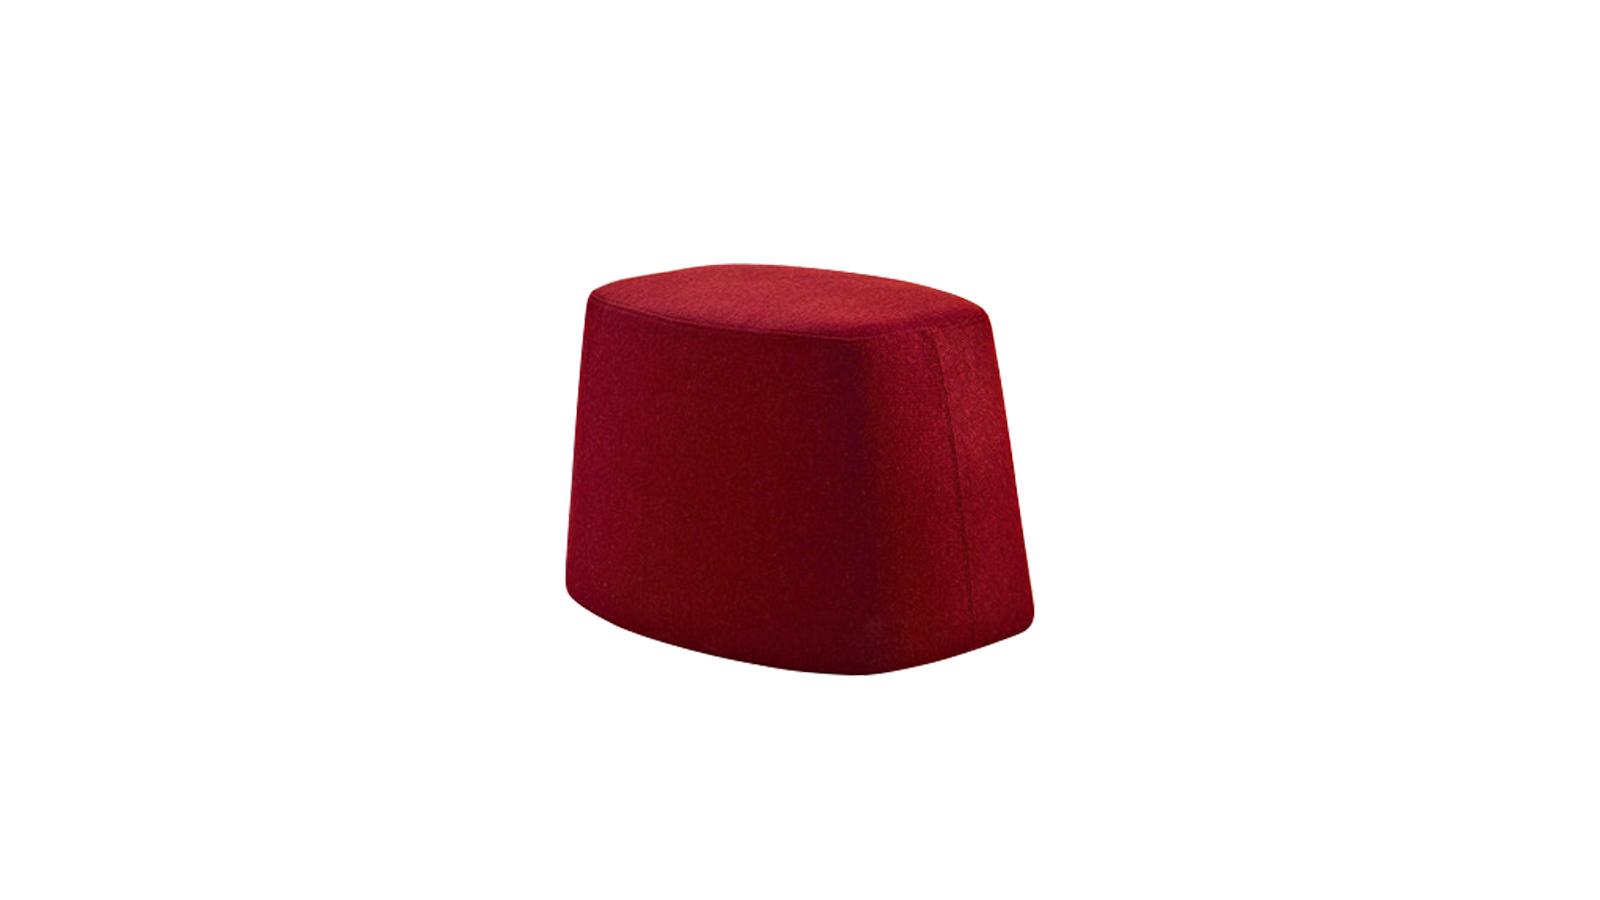 A több színben is elérhető Frank puffok remek kiegészítői lehetnek az elegáns és modern stílust magán hordozó bútoroknak. Dekorációs elemként is használhatók.